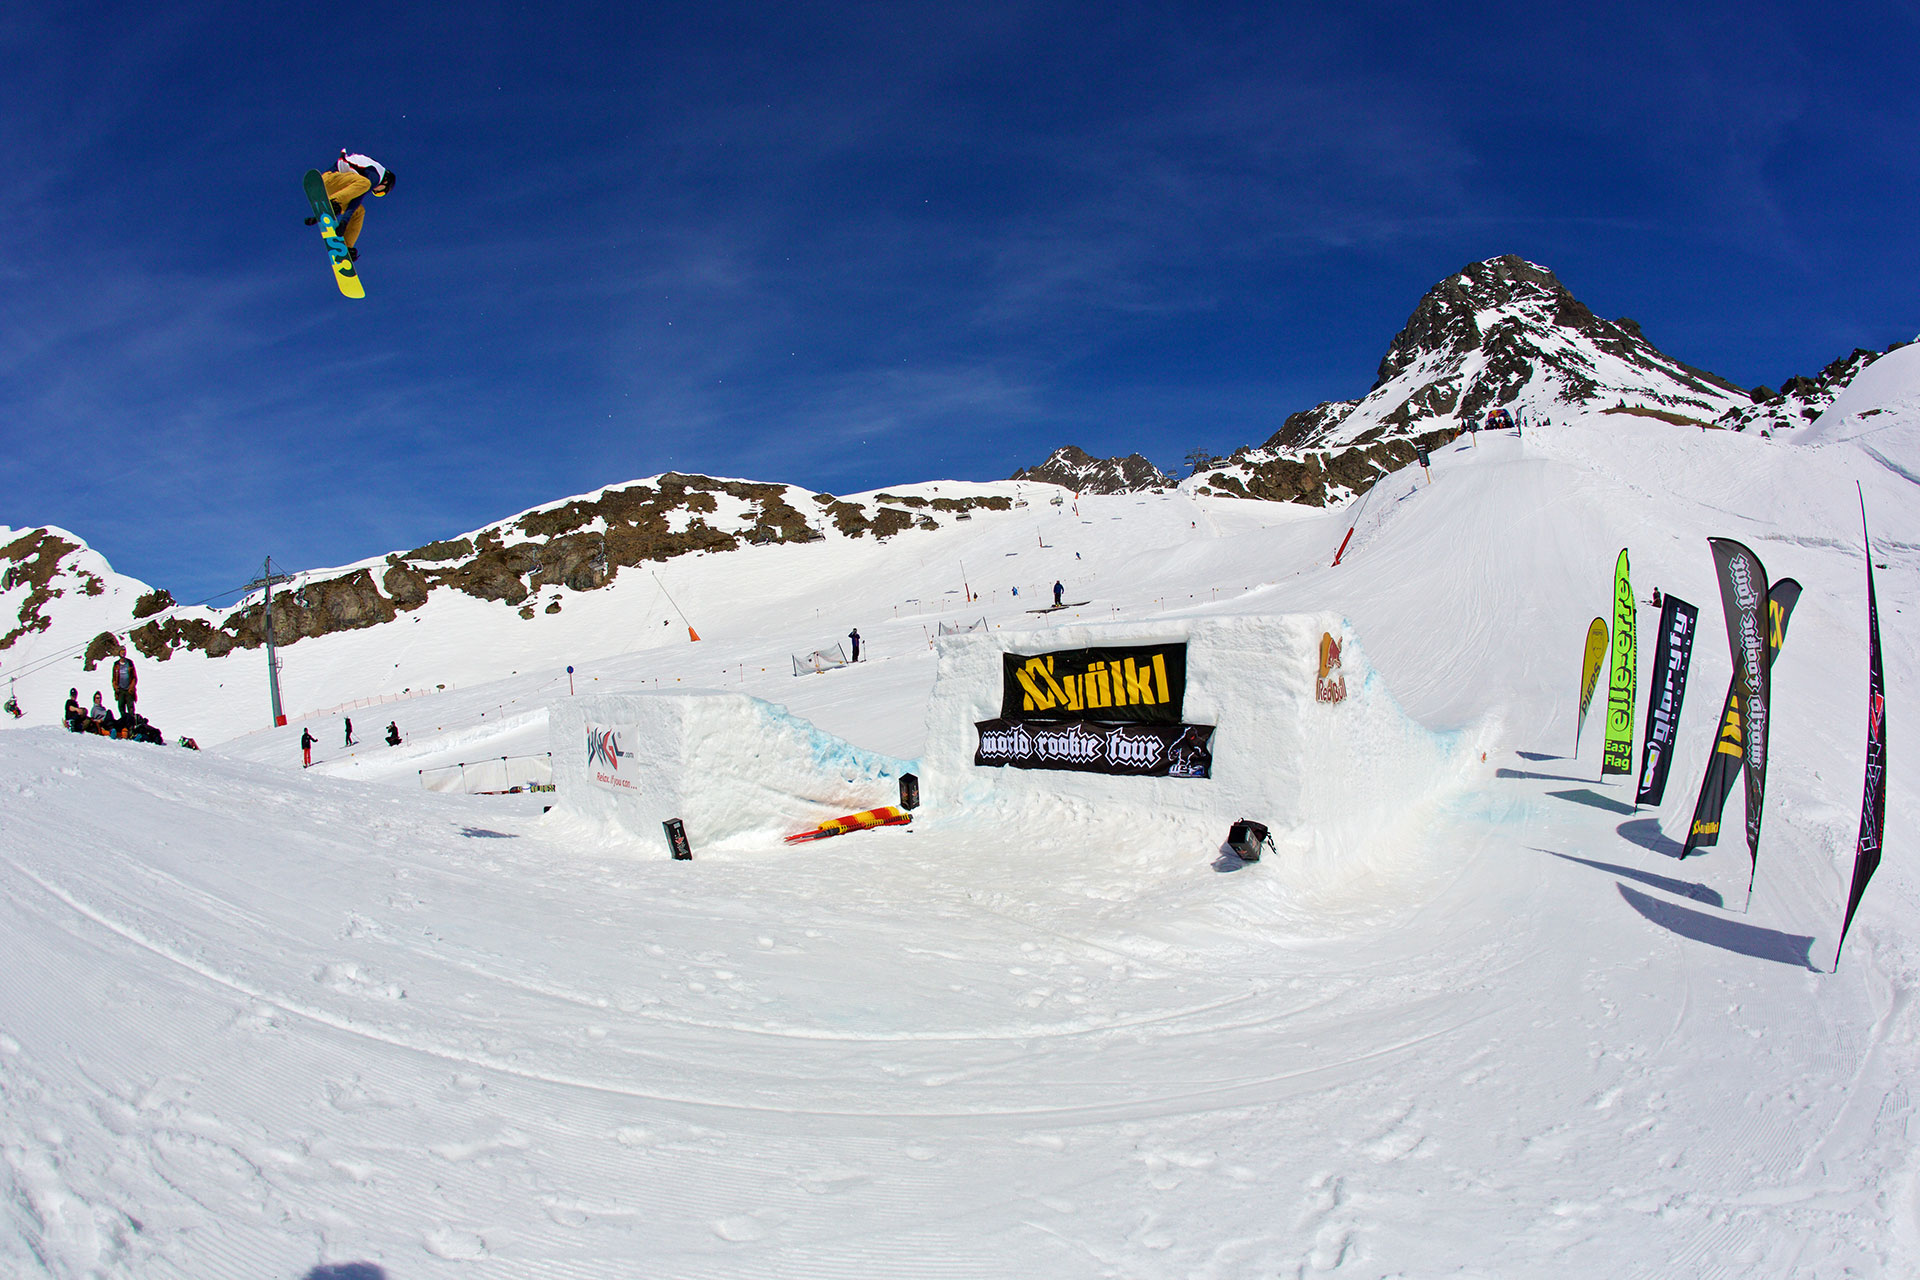 Prime-Snowboarding-Magazine-World-Rookie-Finale-2016-Isak-Ulstein-by-Gustav-Ohlsson